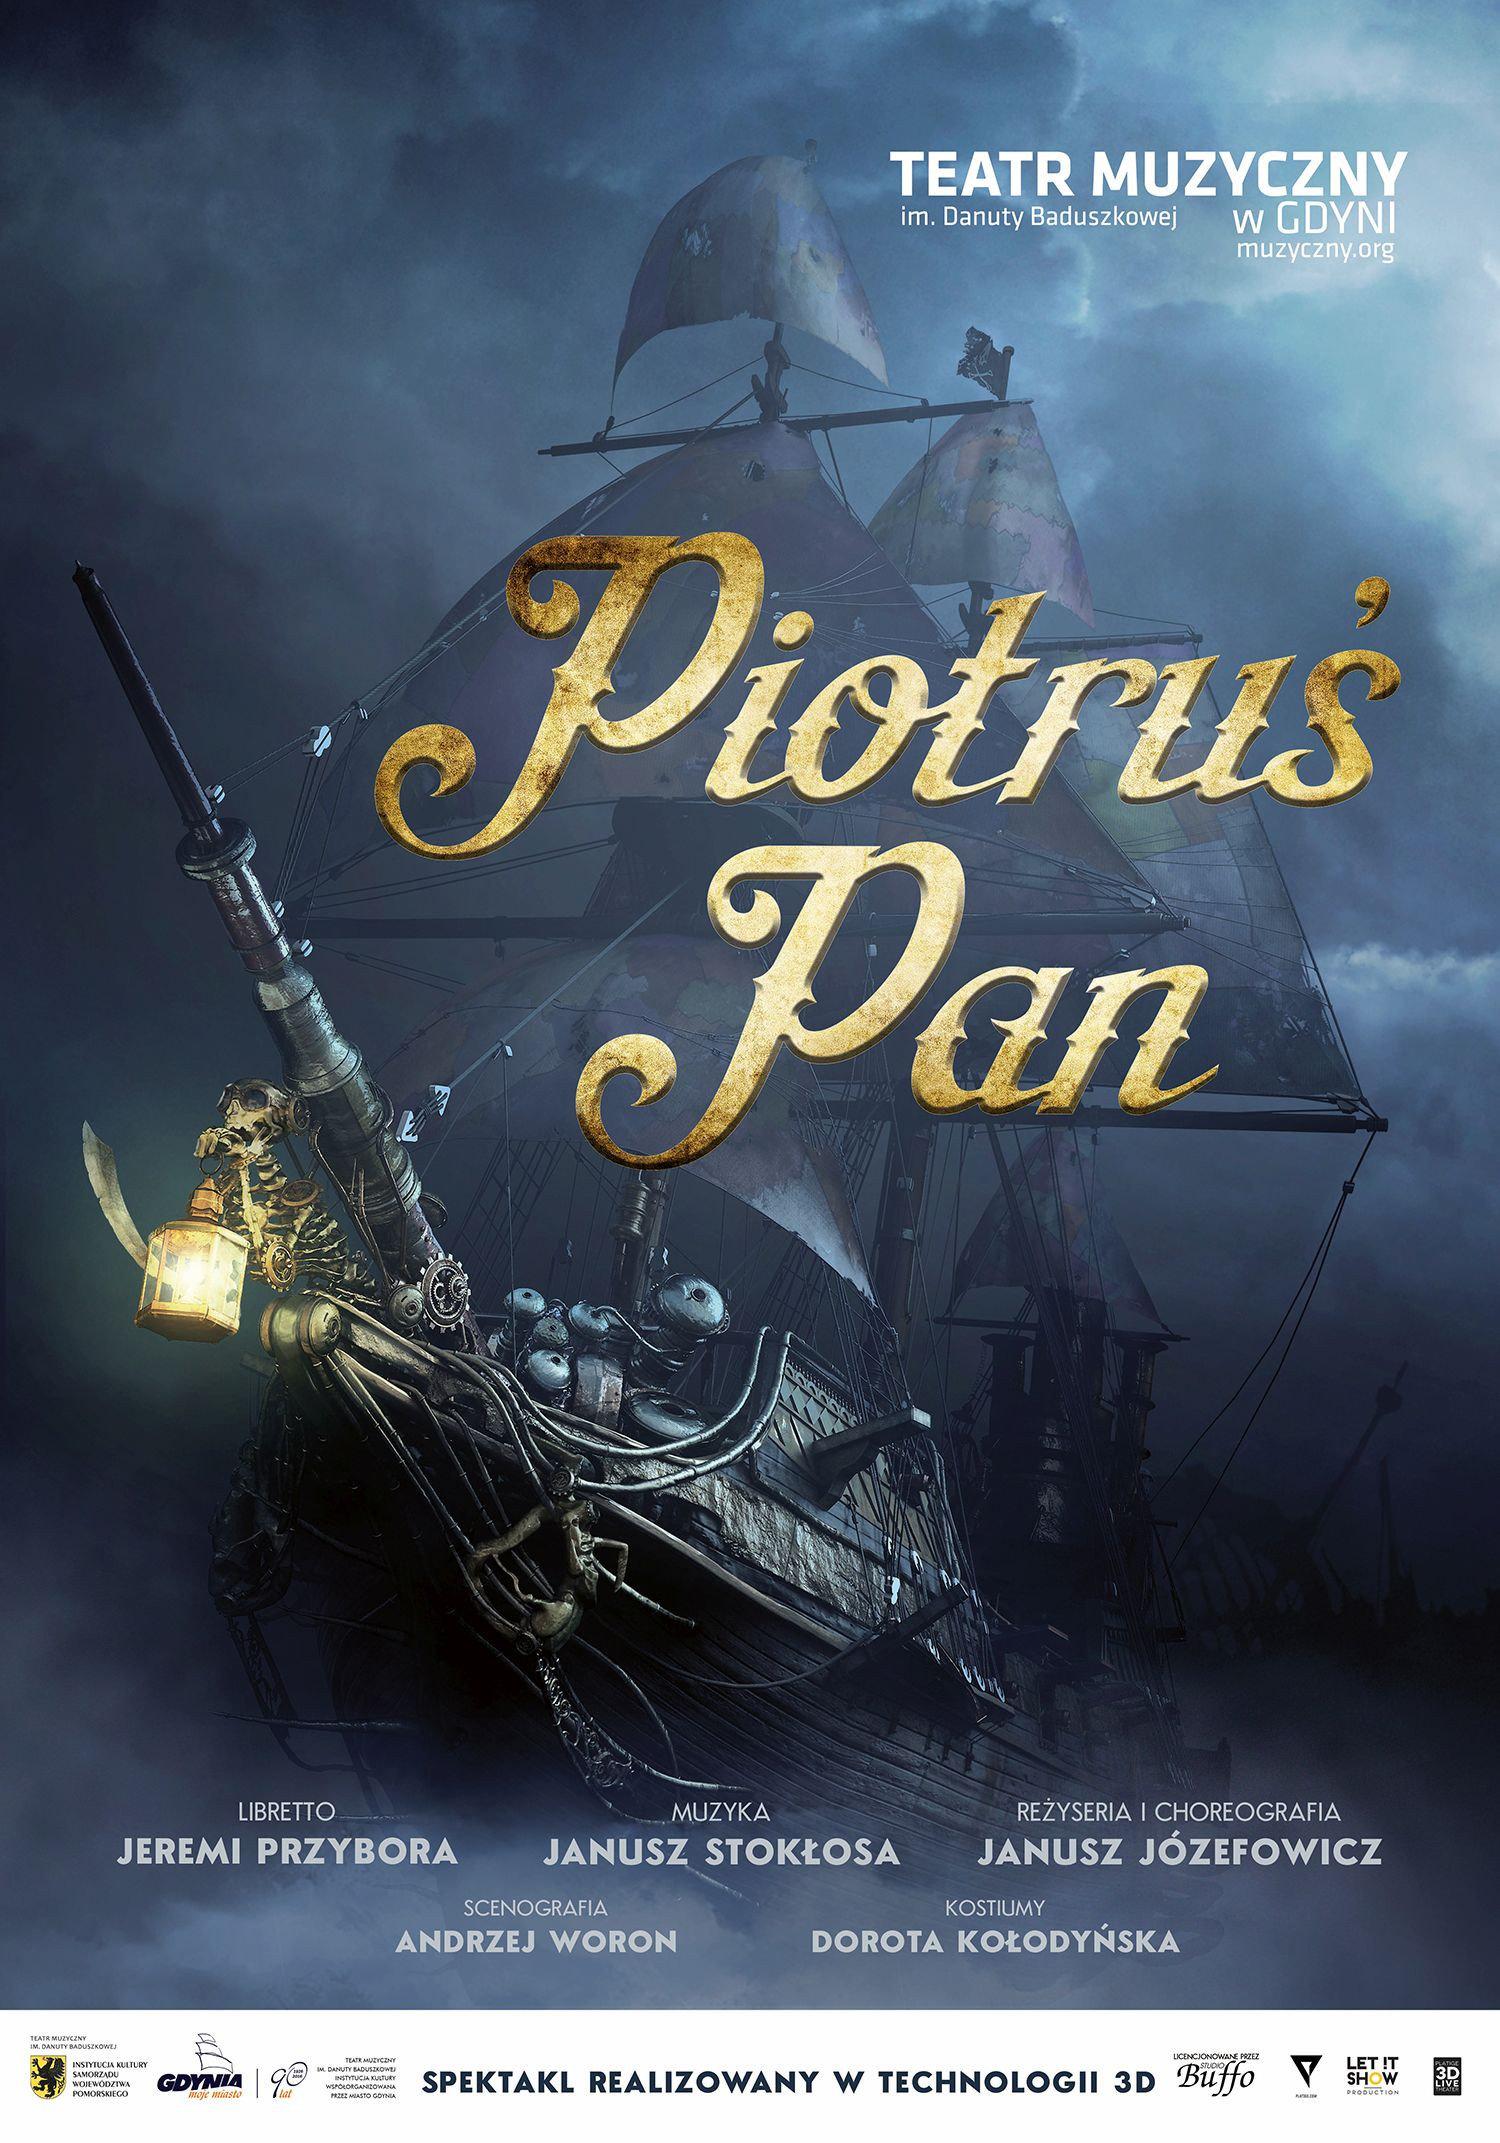 piotrus-pan-teatr-muzyczny-w-gdyni